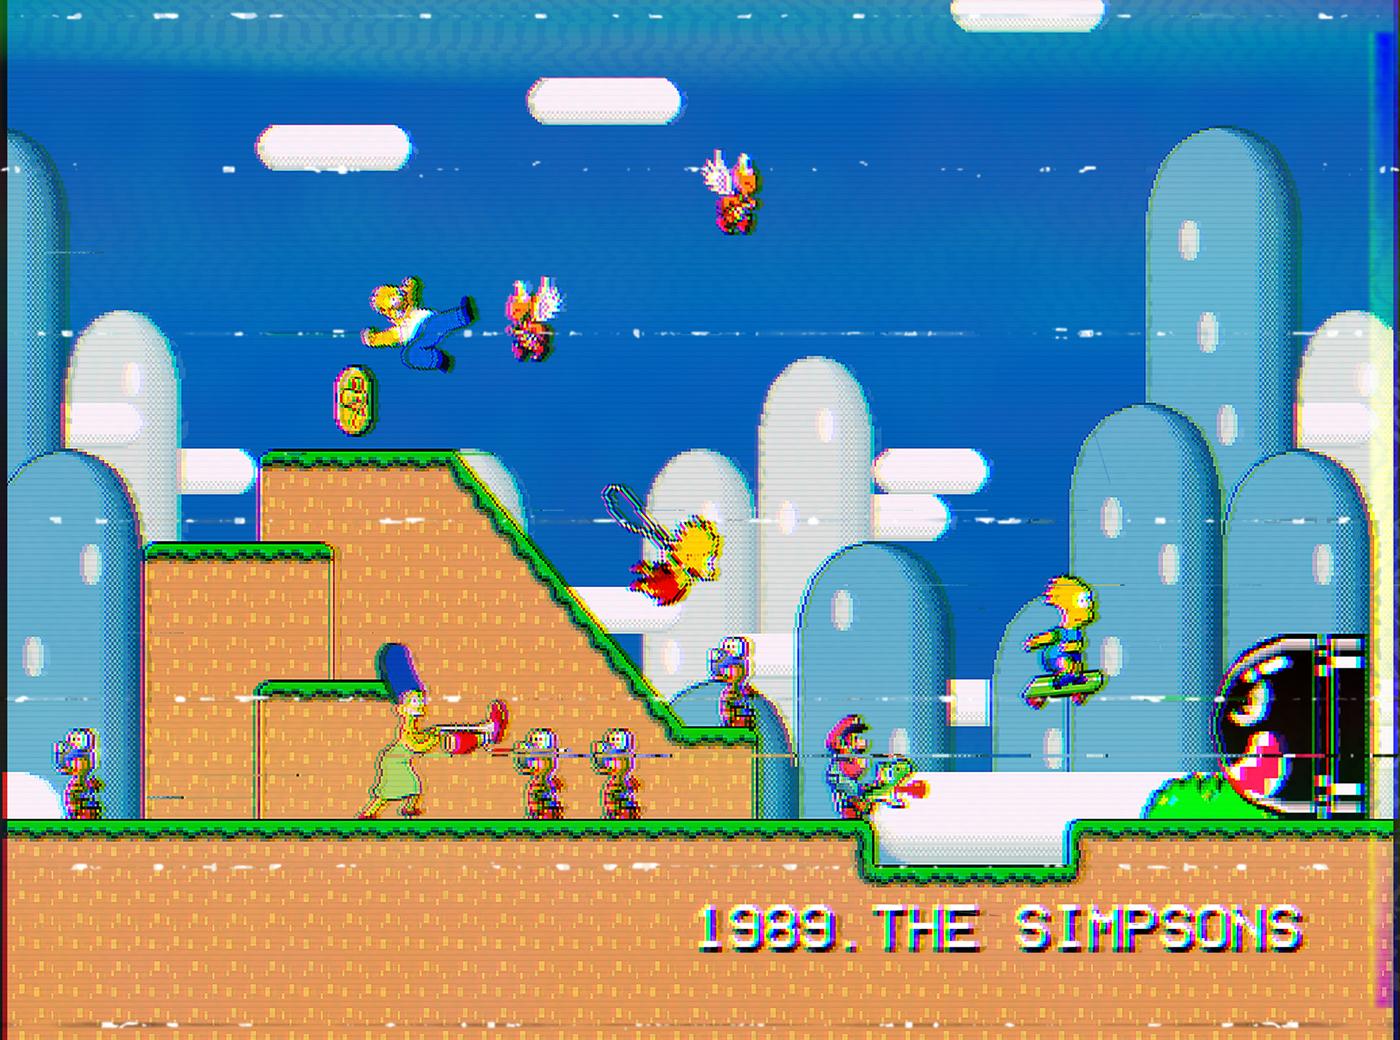 mario bros 30 anos de historia do game10 - MarioBros um game com 30 anos de história